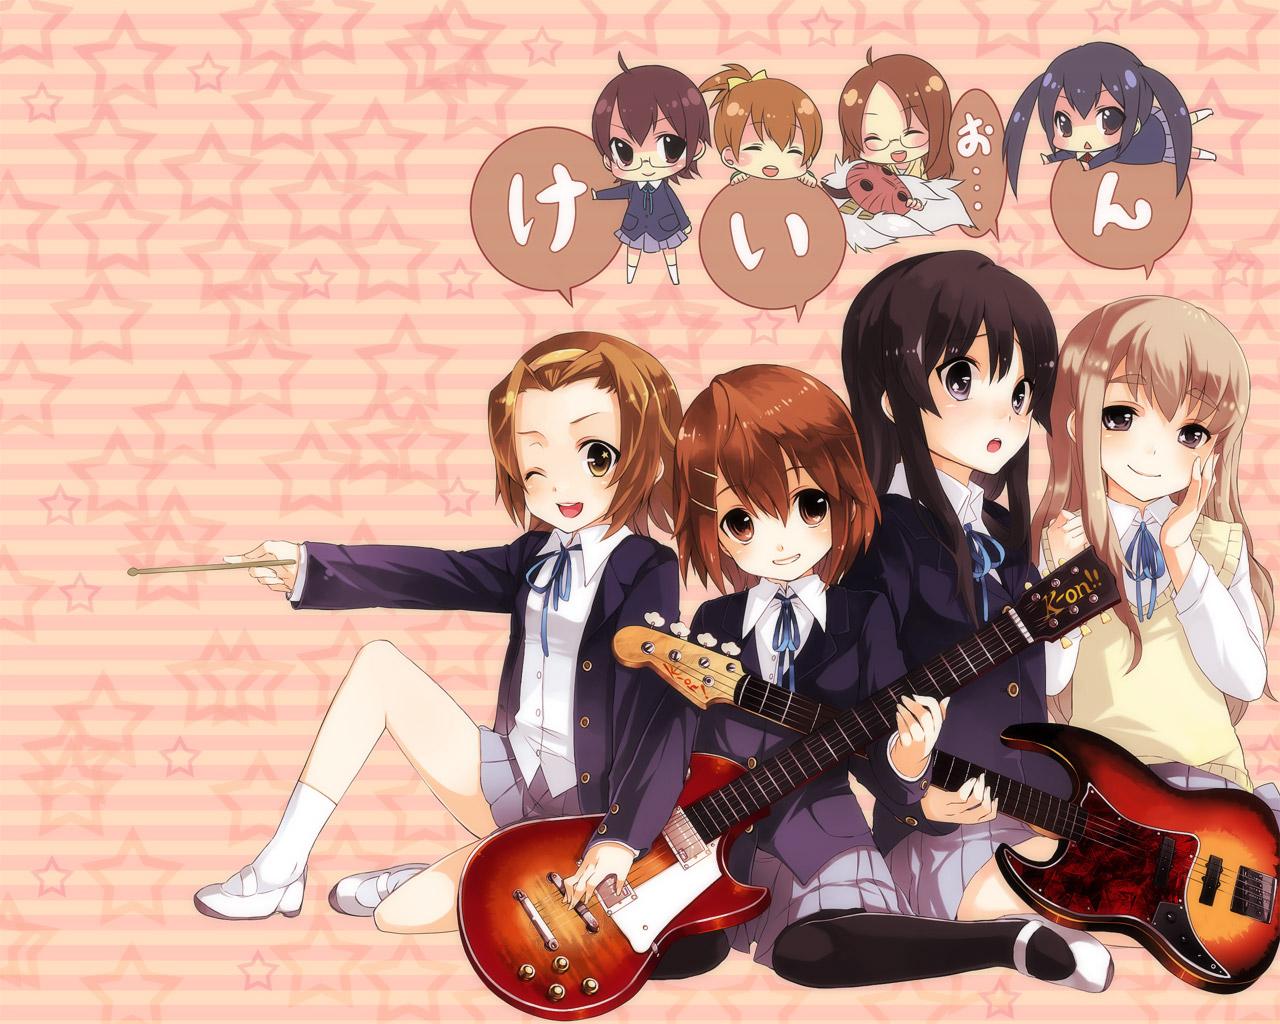 akiyama_mio guitar hirasawa_ui hirasawa_yui instrument k-on! kotobuki_tsumugi manabe_nodoka nakano_azusa tainaka_ritsu yamanaka_sawako